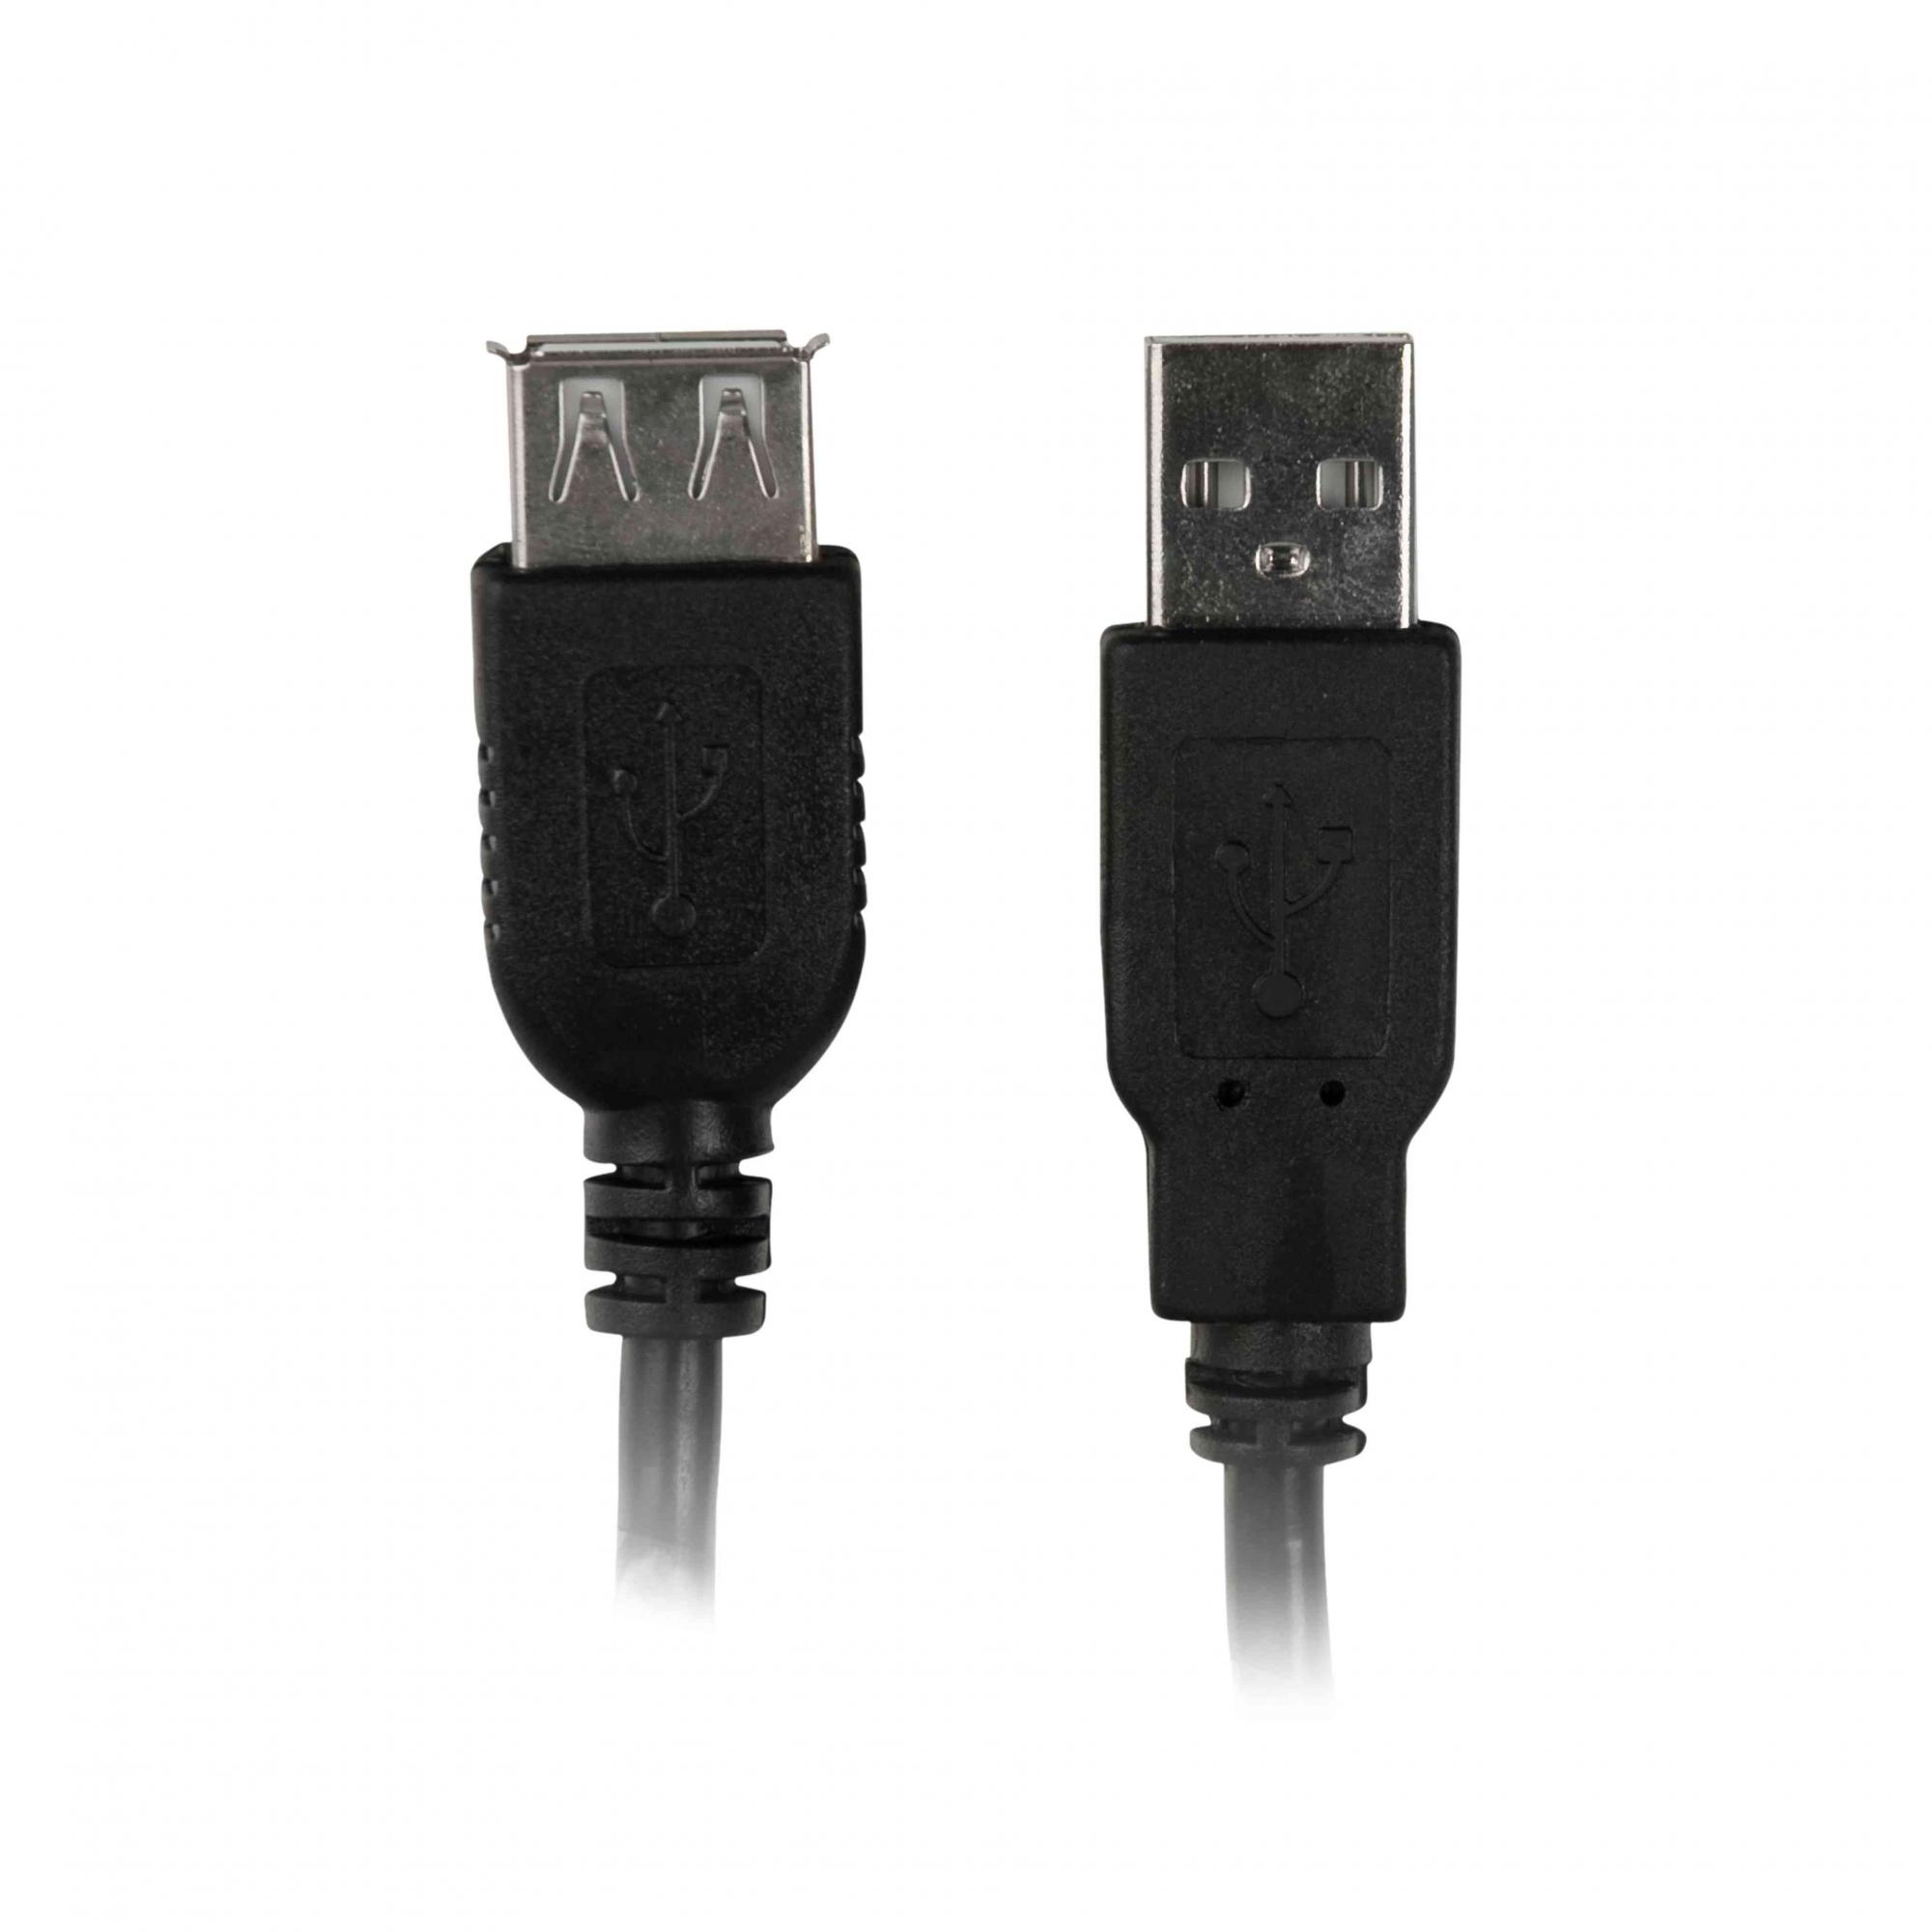 CABO EXTENSOR PARA USB 2.0 AM X AF 1.8M PC-USB1802 PLUSCABLE